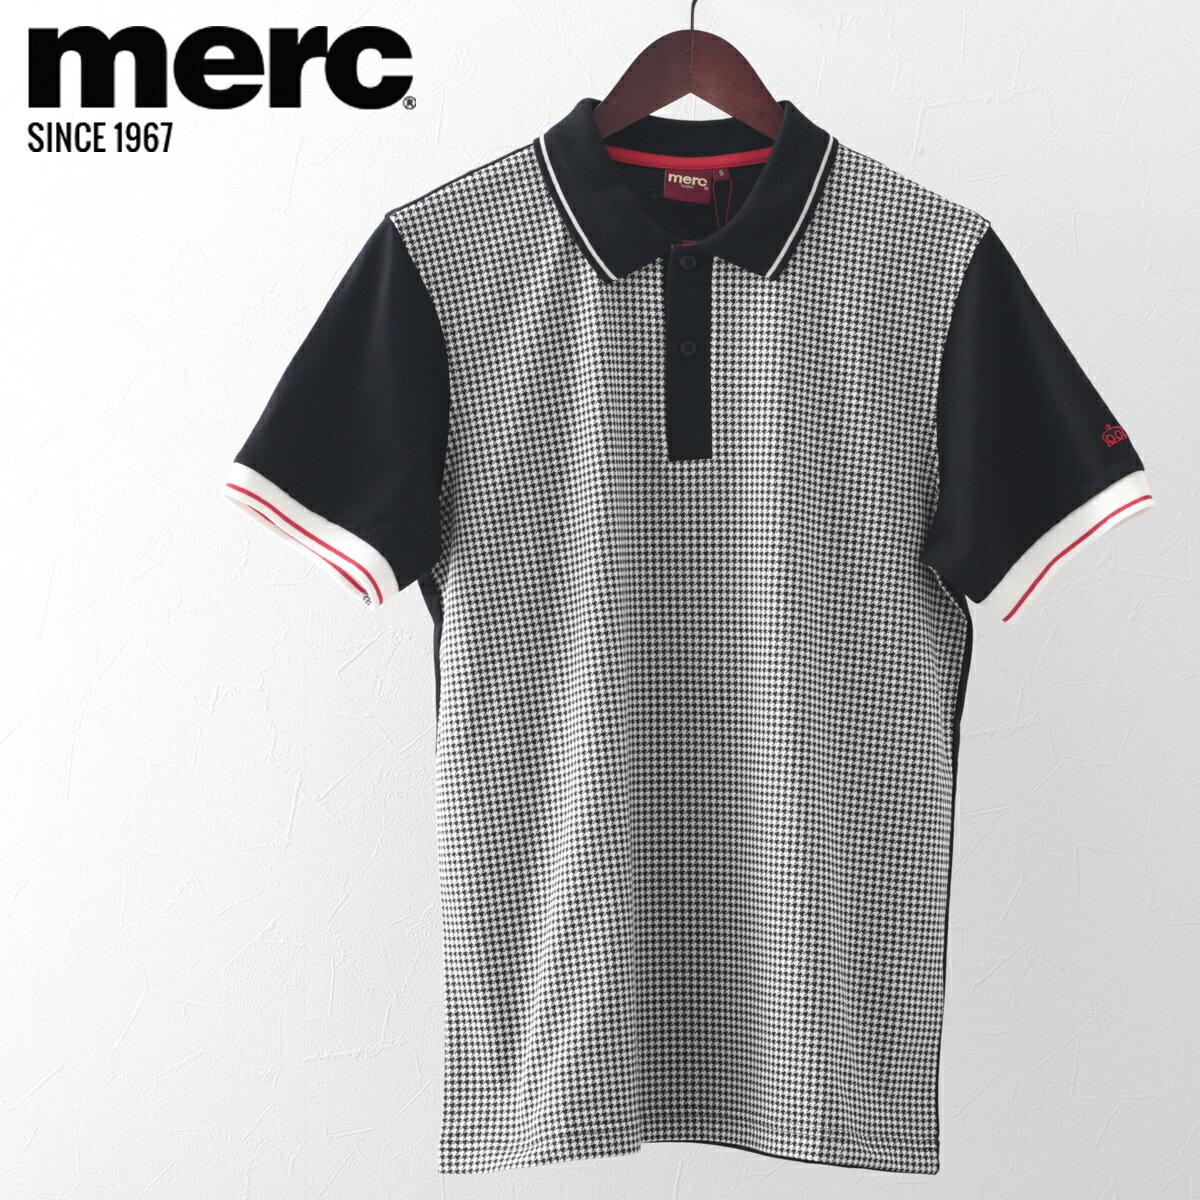 メルクロンドン Merc London ポロシャツ ポロ 2017 ドッグトゥース W1 プレミアム メンズ モッズファッション プレゼント ギフト